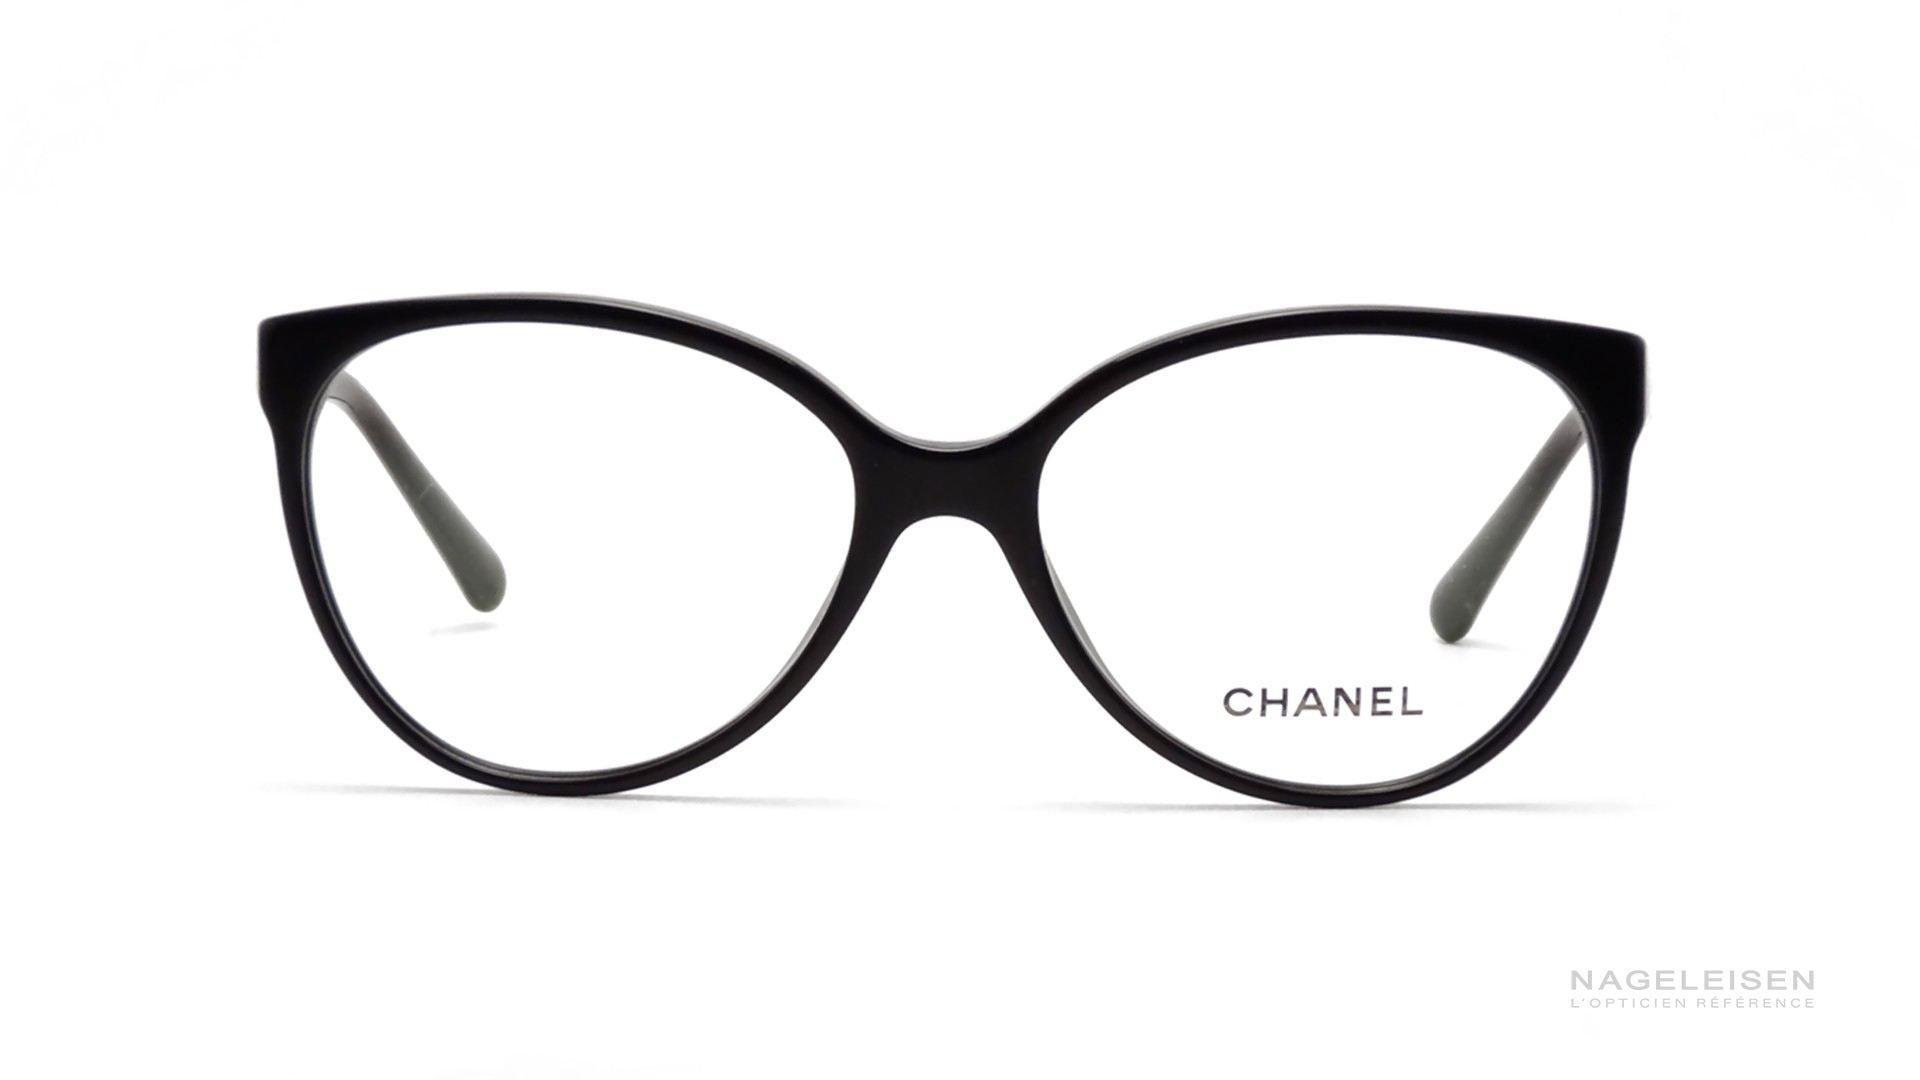 ae61d37b802d6 Les Lunettes de Vue Chanel Signature CH 3312 Noir CH3312 1503 55-16 ...